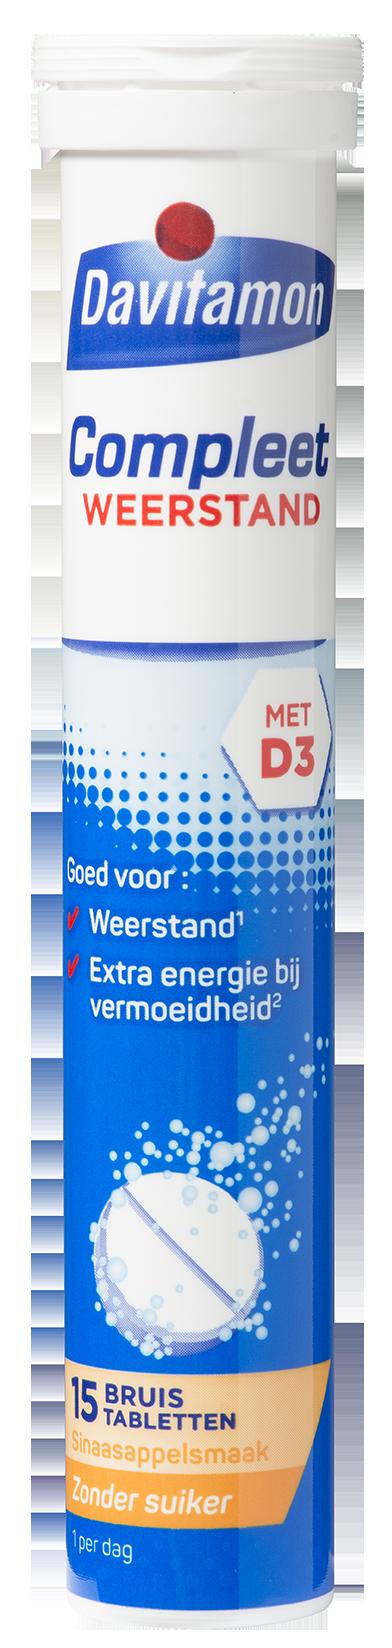 Davitamon Compleet Weerstand Bruistabletten Product